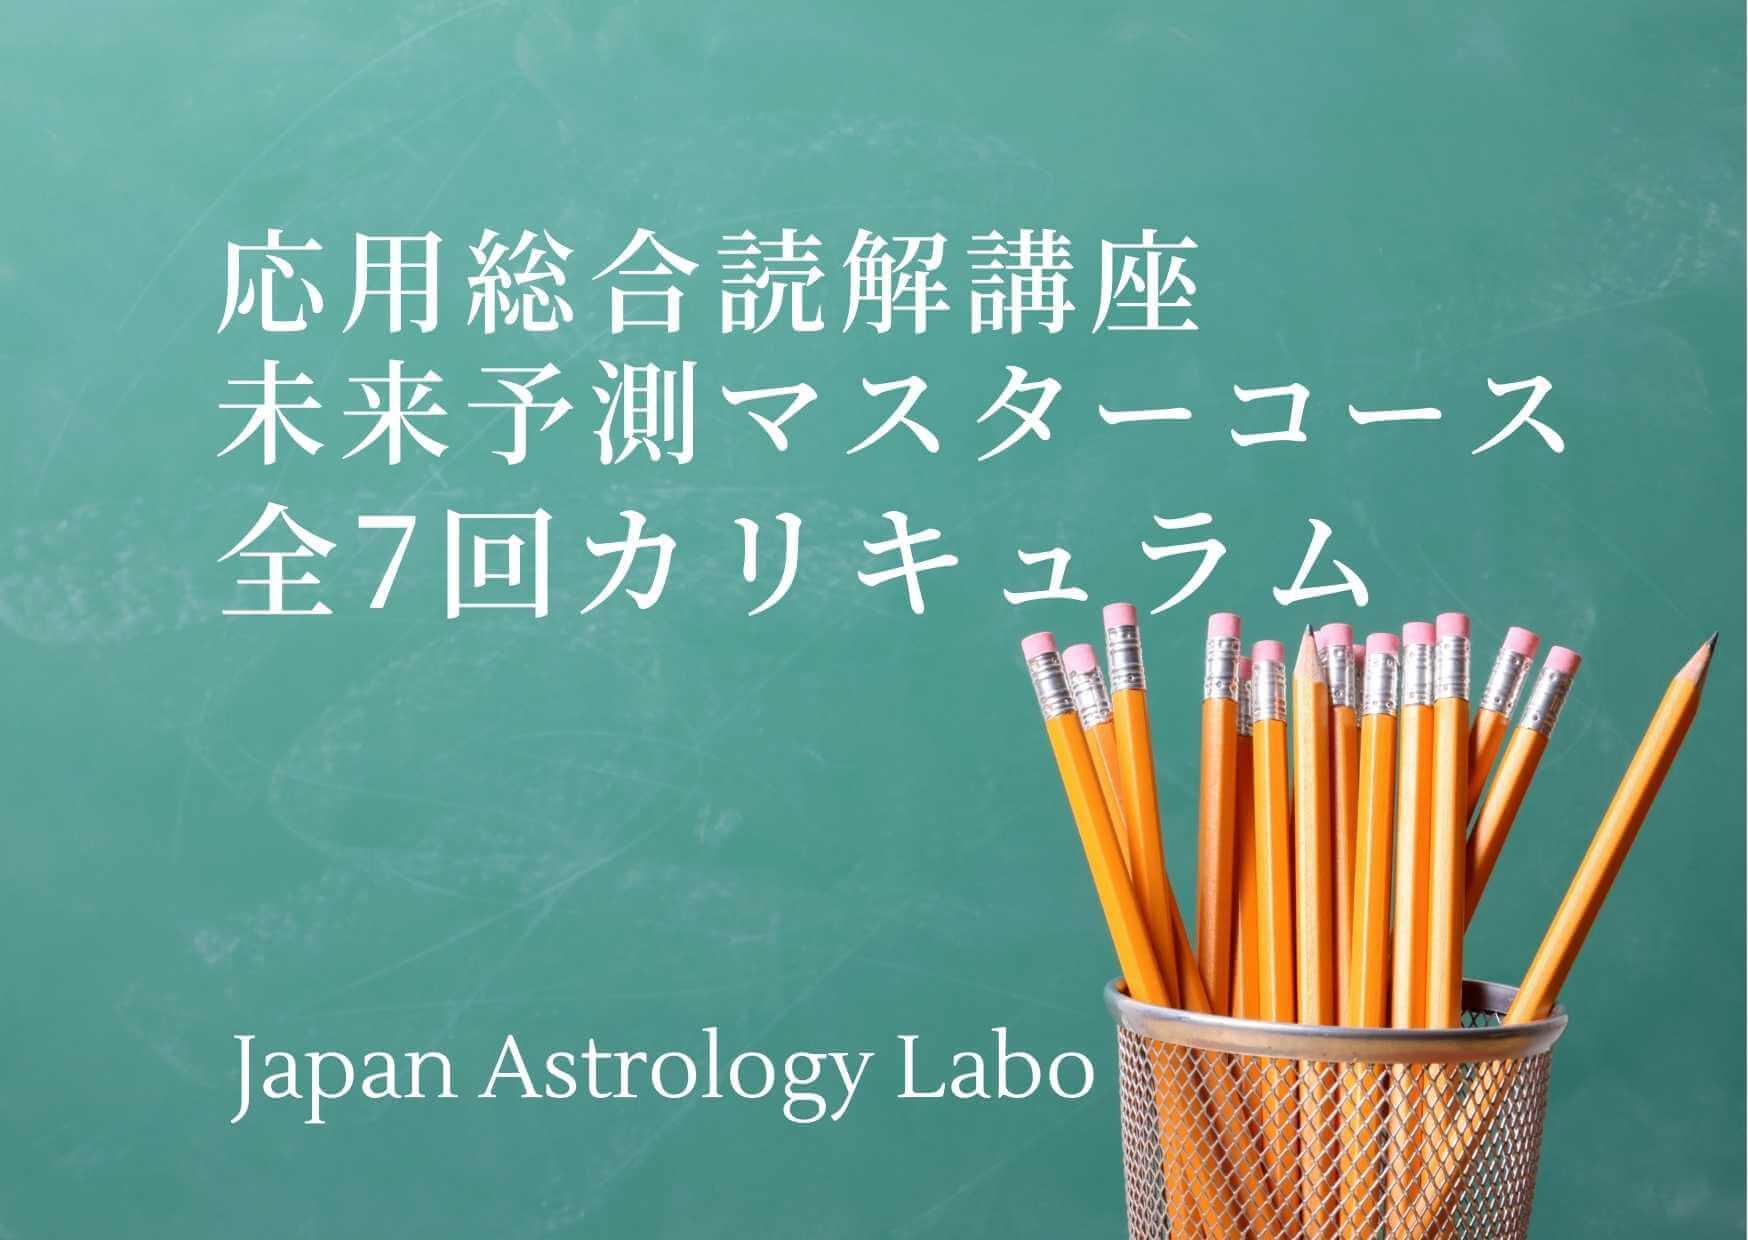 占星術応用総合読解講座未来予測マスターコースカリキュラム